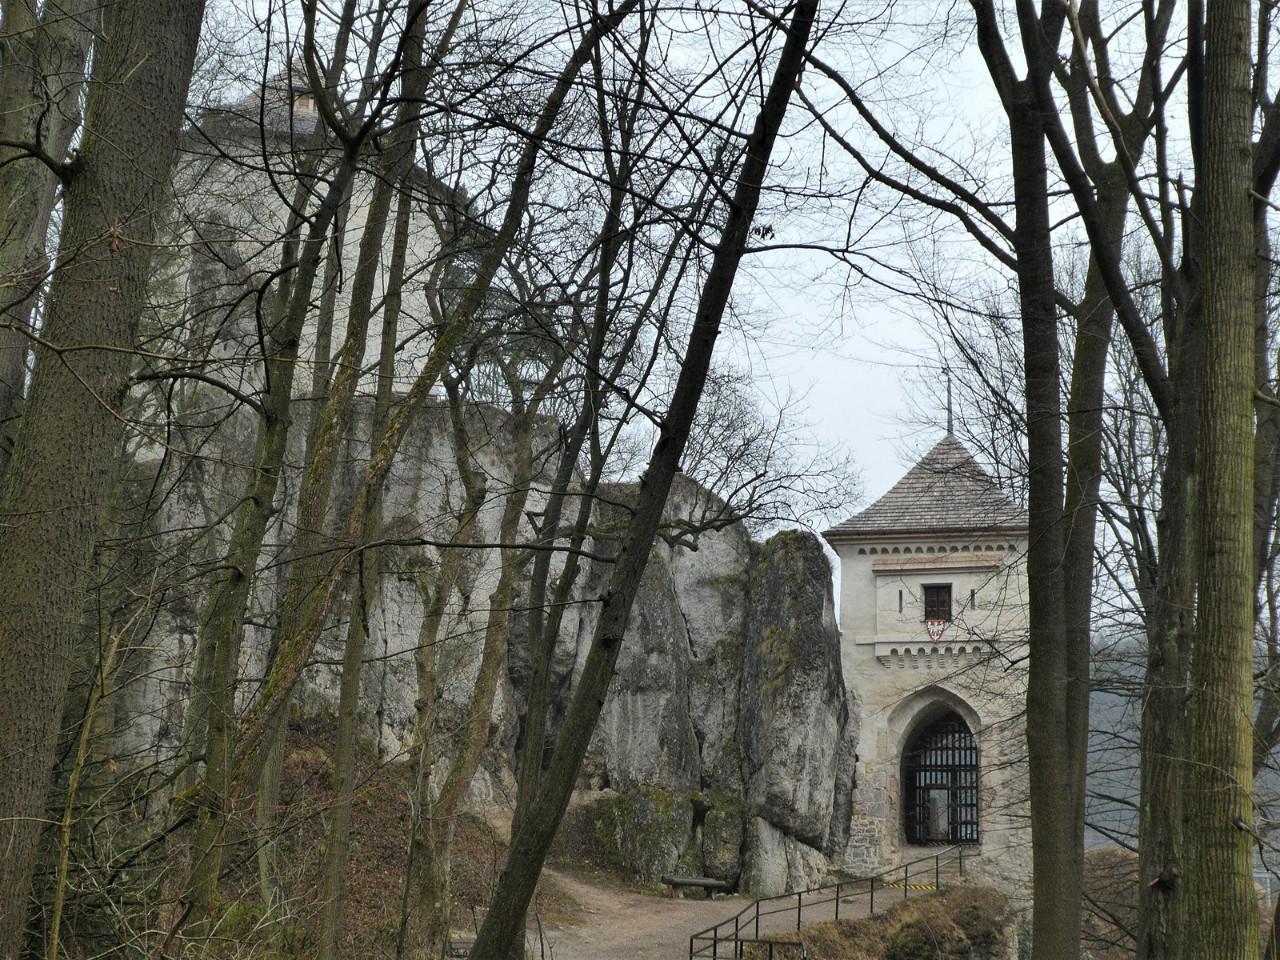 Zamek w Ojcowie zaprasza w nowej odsłonie